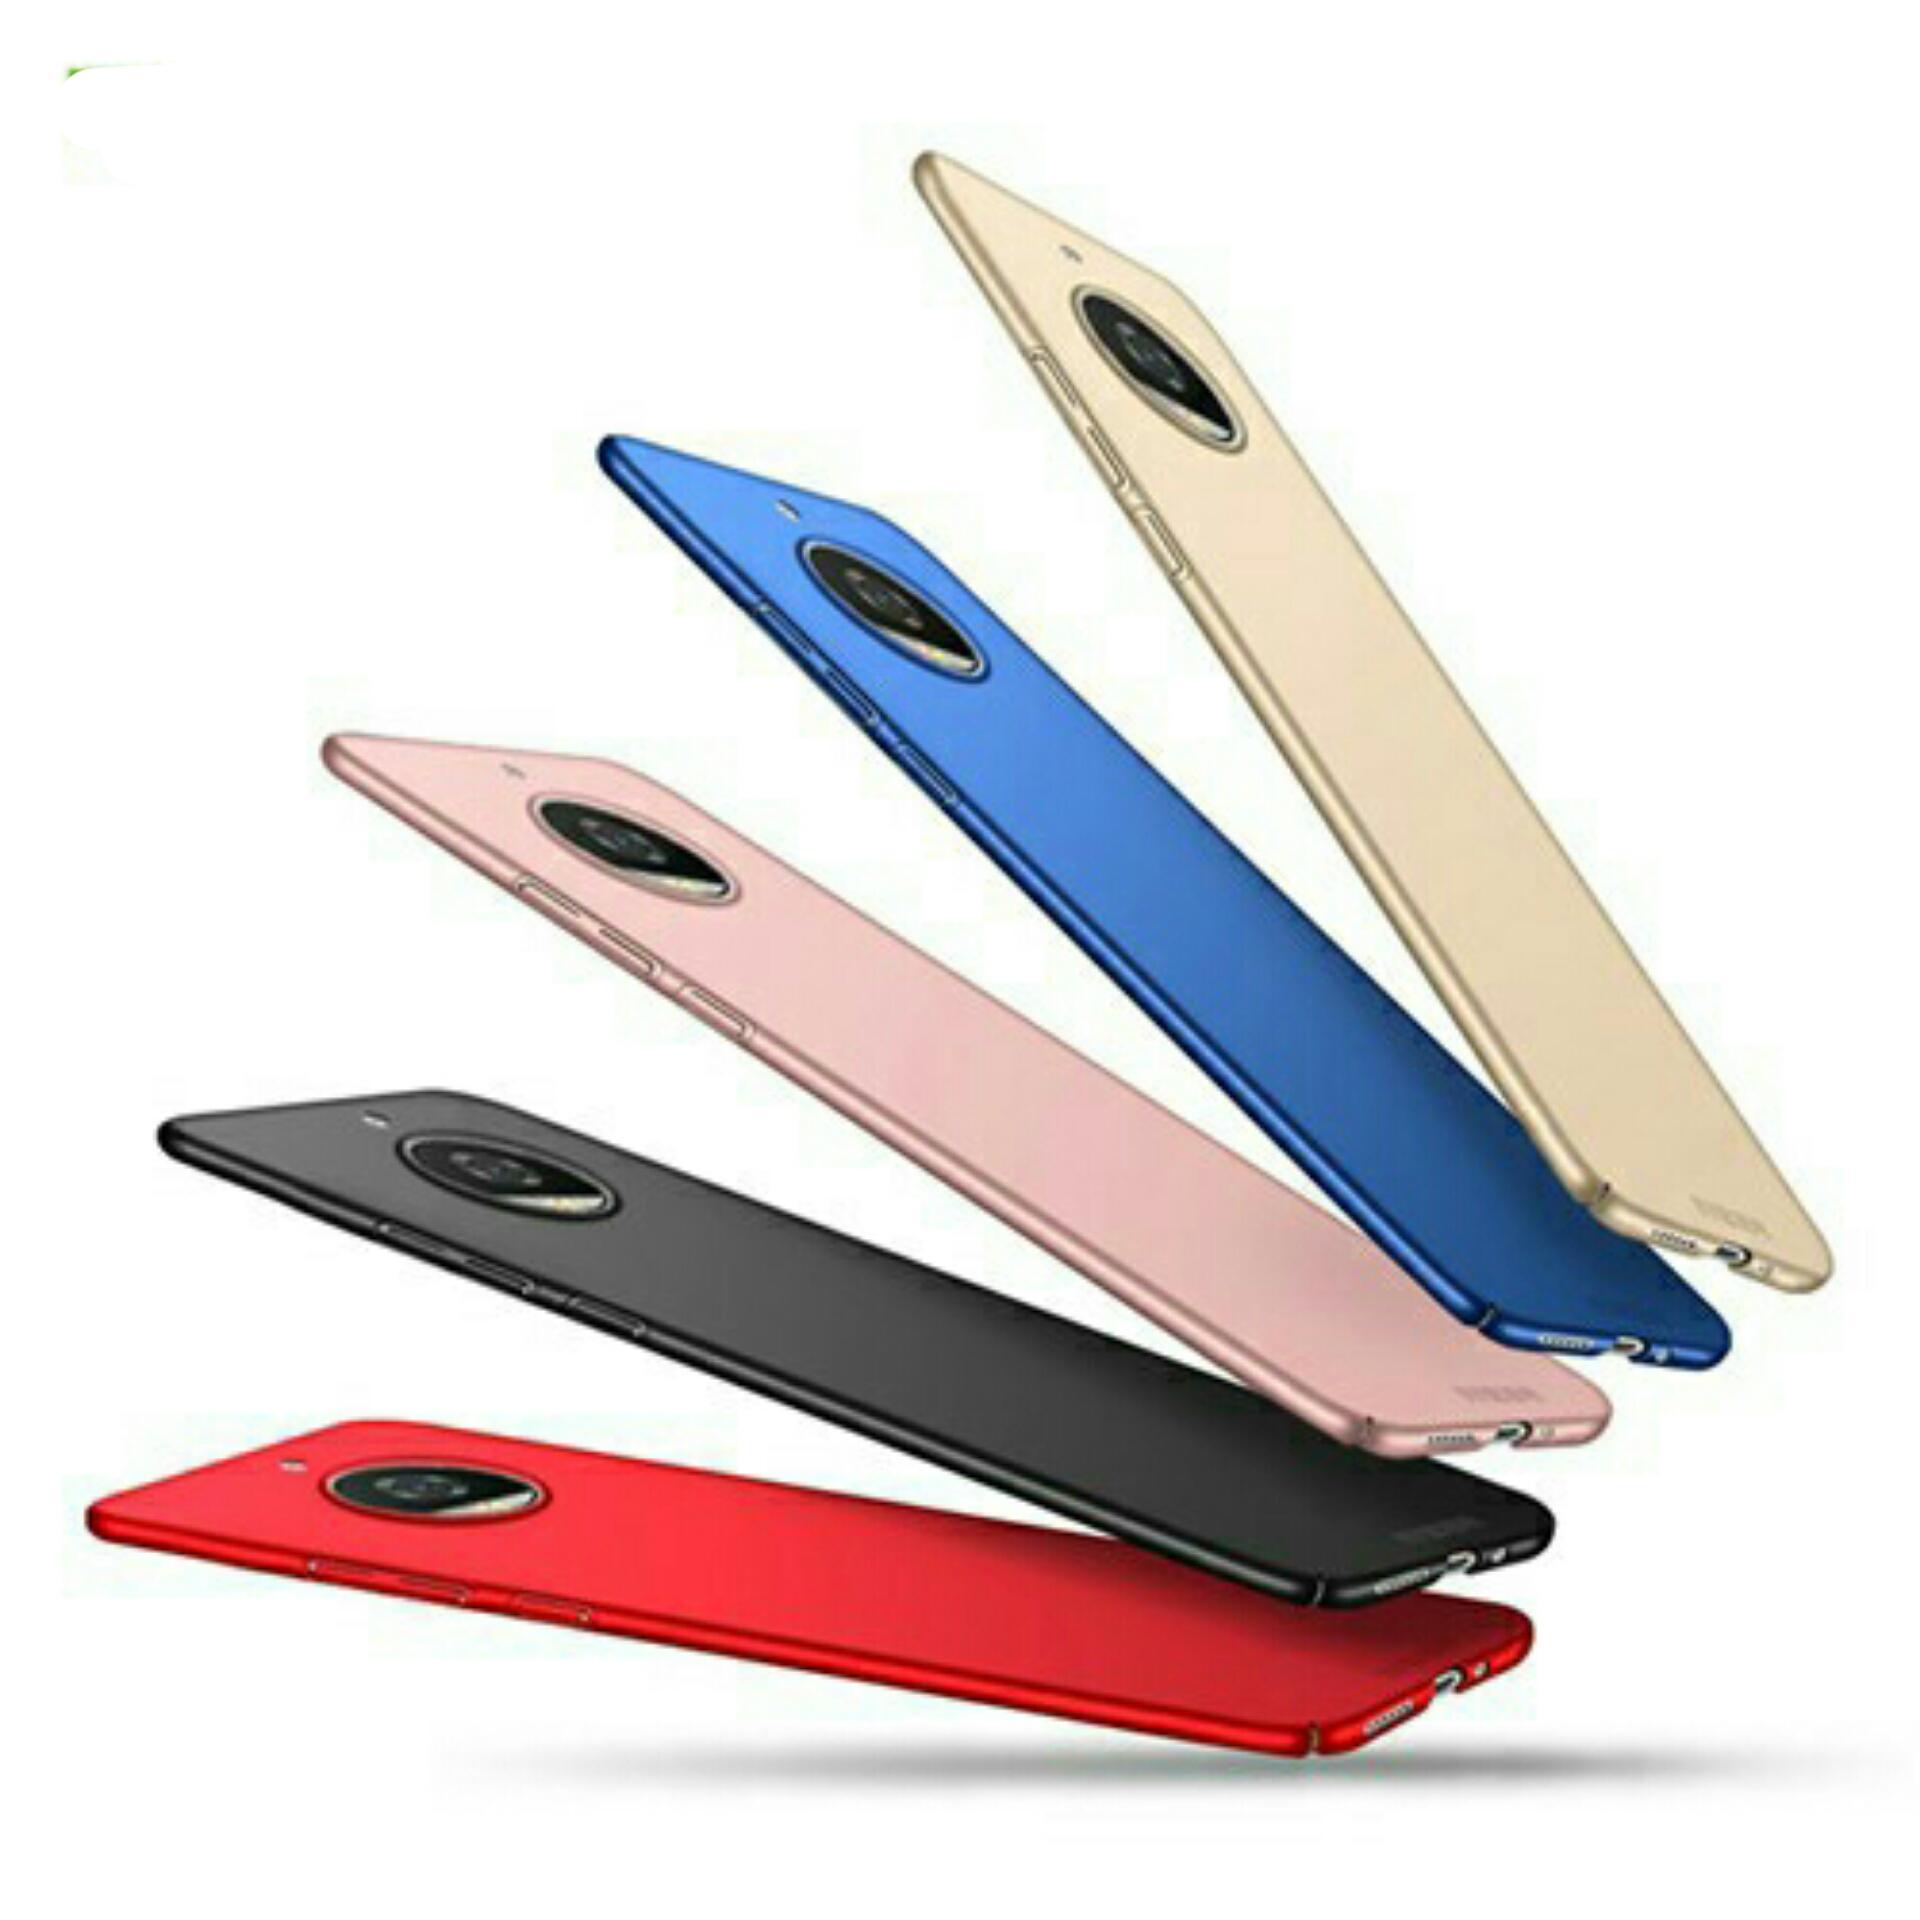 Fitur Hardacase Moto E4 Plus Baby Skin Case Dan Harga Tempered Glass Motorola Full Cover Warna Detail Gambar Terbaru